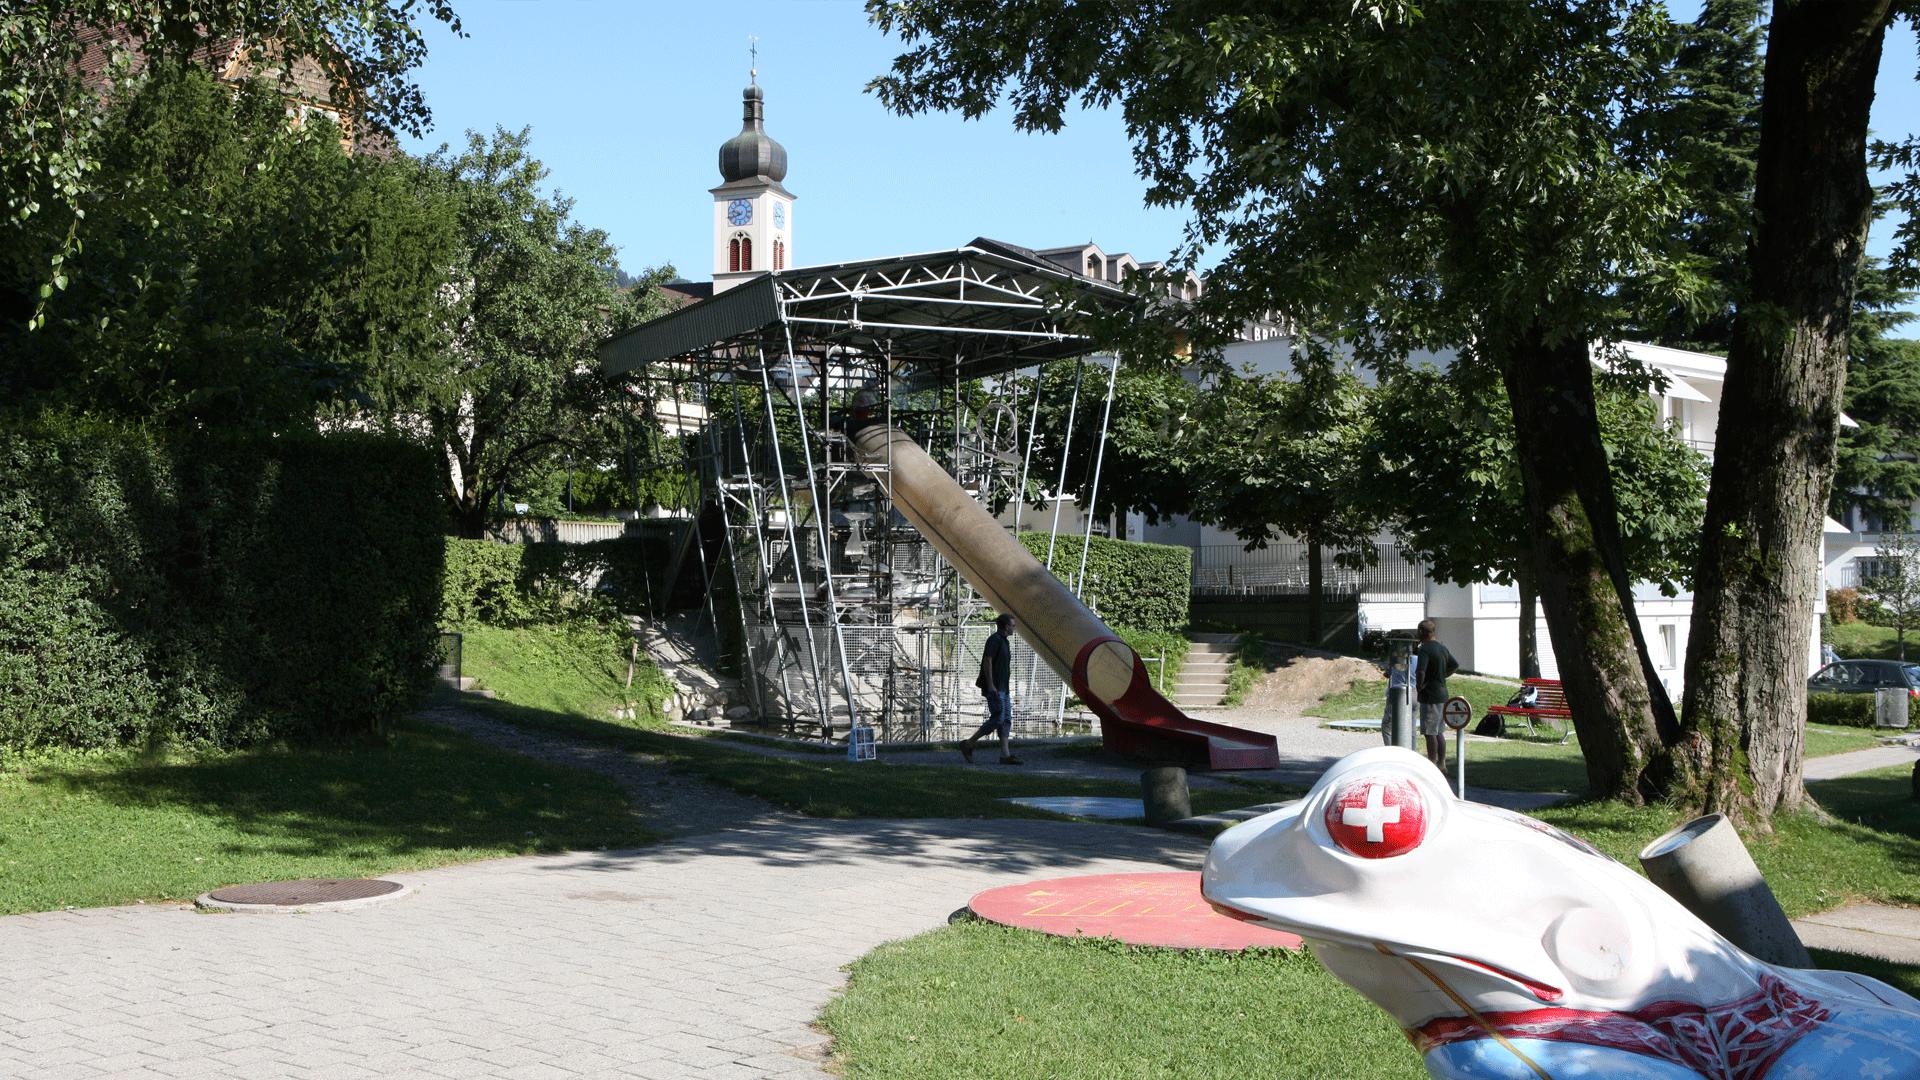 Die sieben Meter hohe Murmelbahn mit integrierter Rutschbahn.